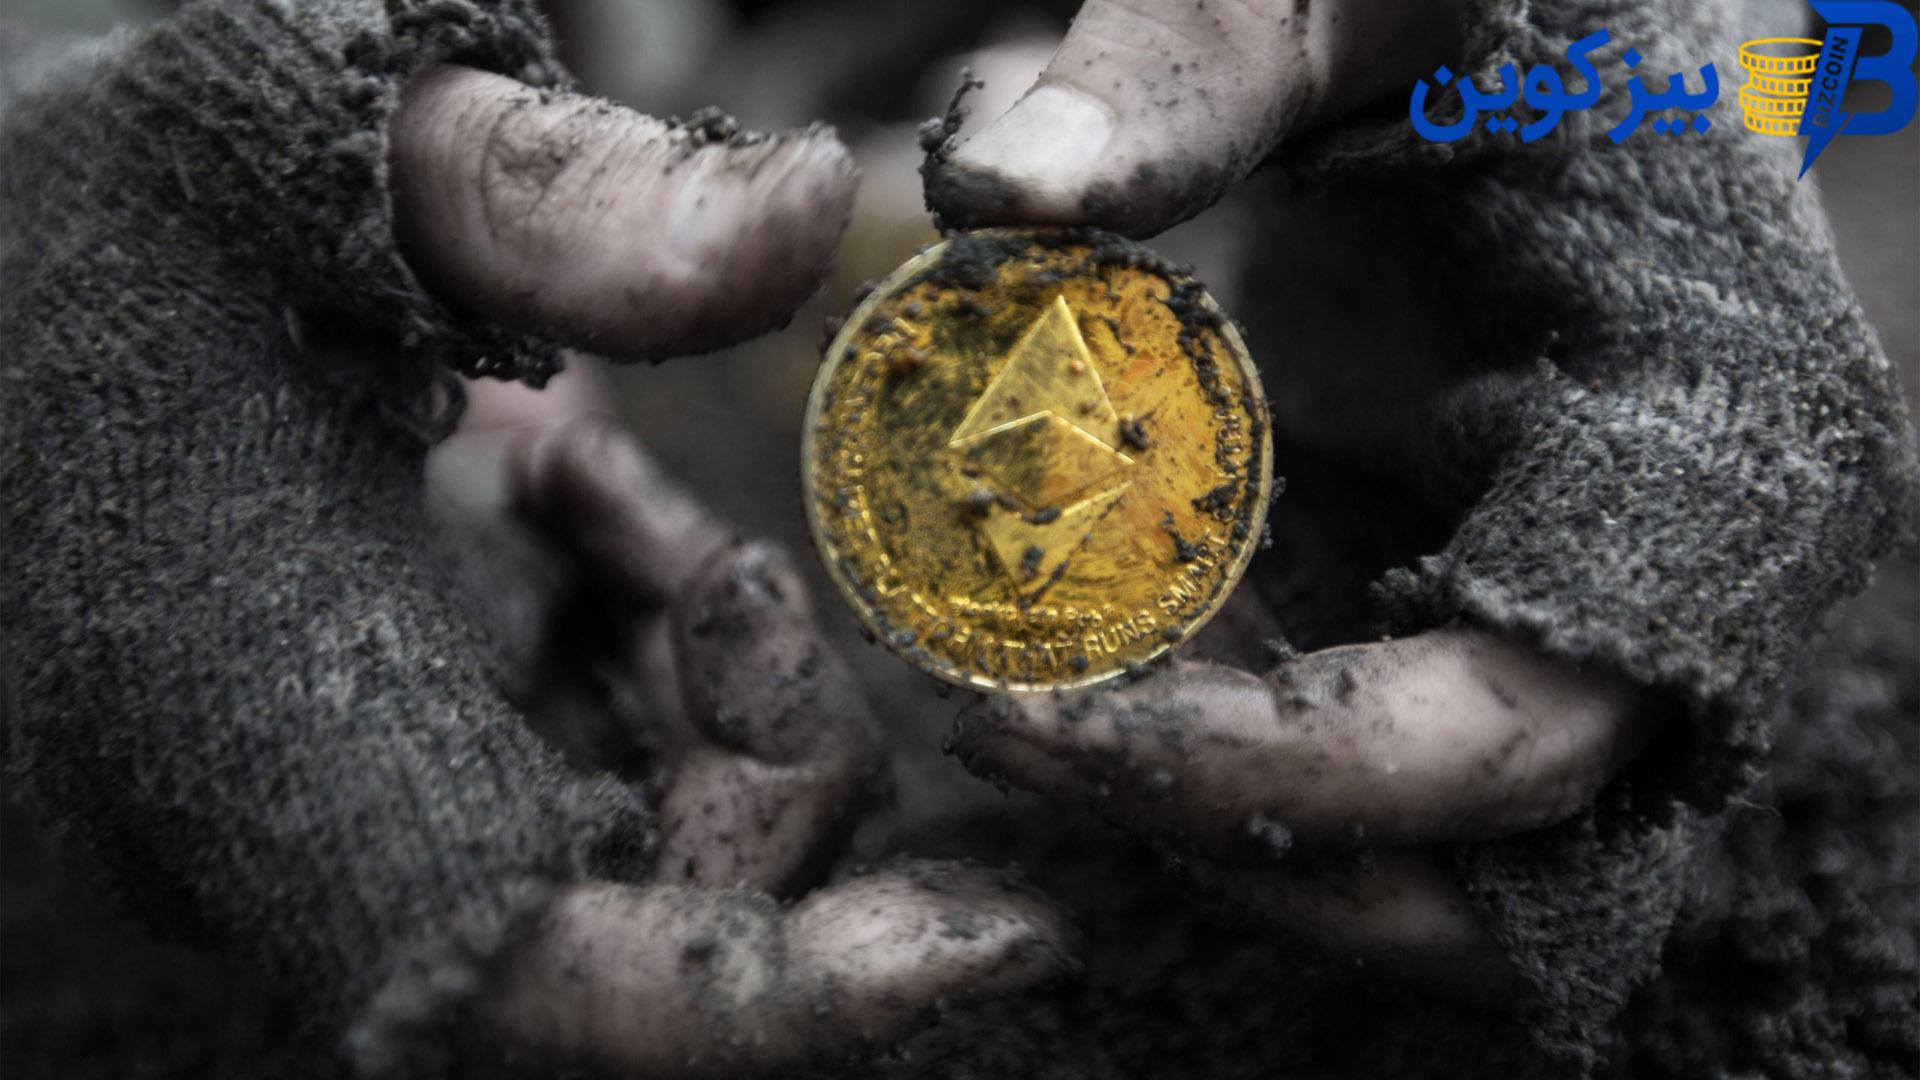 نزدیک به ۸۳ درصد سرمایه گذاران اتریوم رمزارز خود را با قیمت بالاتری خریداری کرده اند حدود ۸۳ درصد از سرمایه گذاران اتریوم در شرایط ضرر مالی قرار گرفته اند